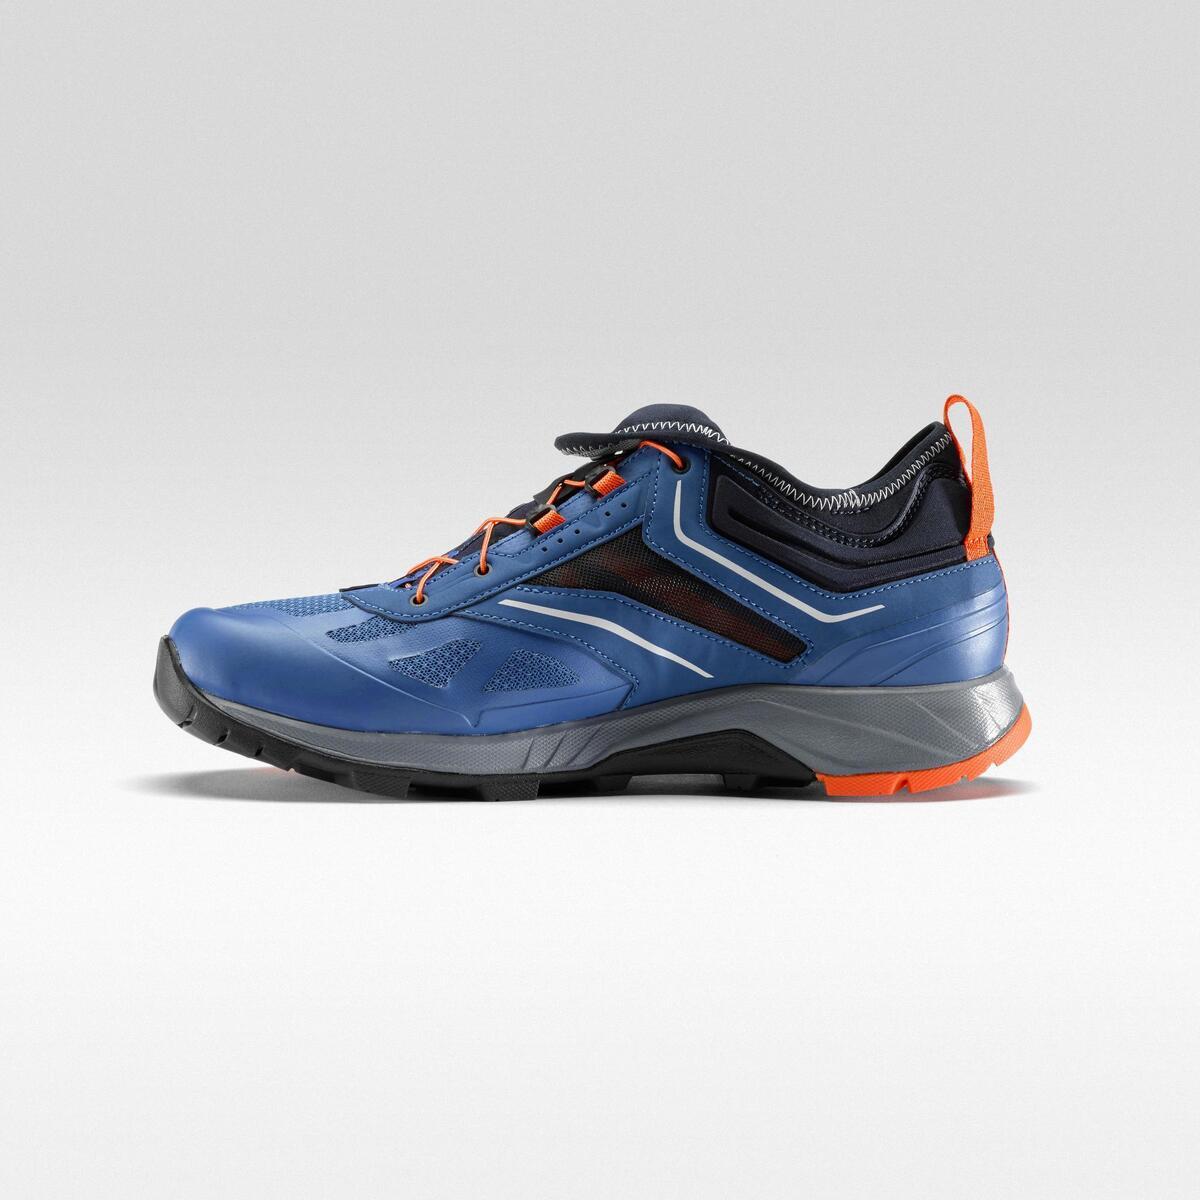 Bild 2 von Wanderschuhe Speed Hiking FH500 Helium Herren blau/orange